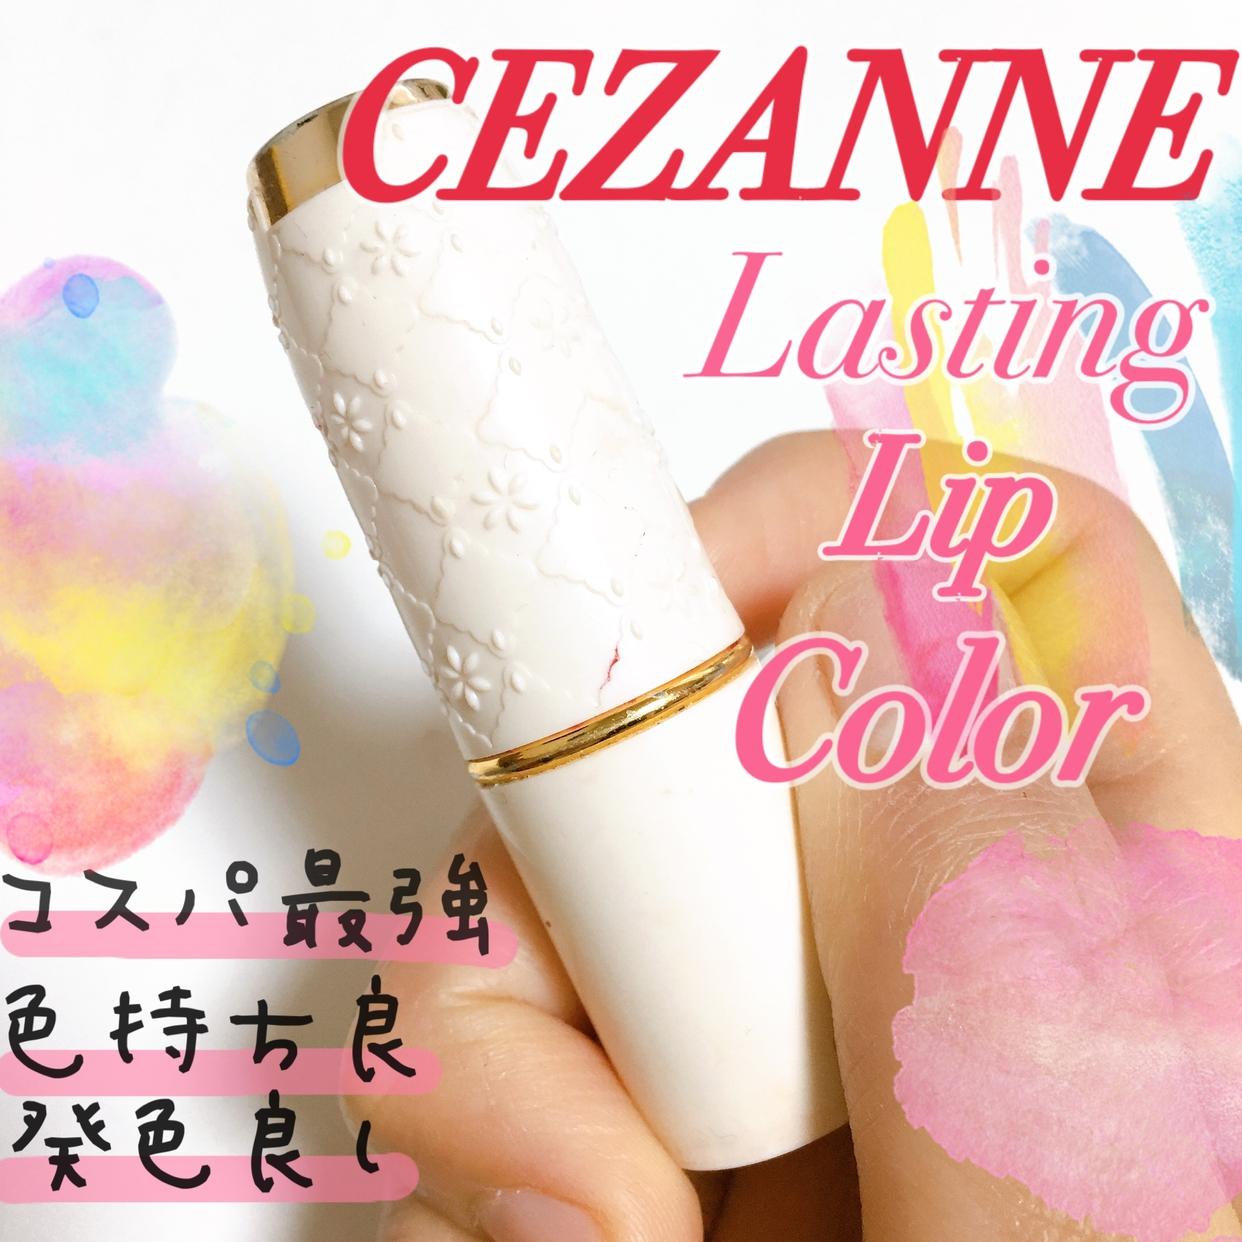 CEZANNE(セザンヌ)ラスティング リップカラーNを使ったRinaさんのクチコミ画像1